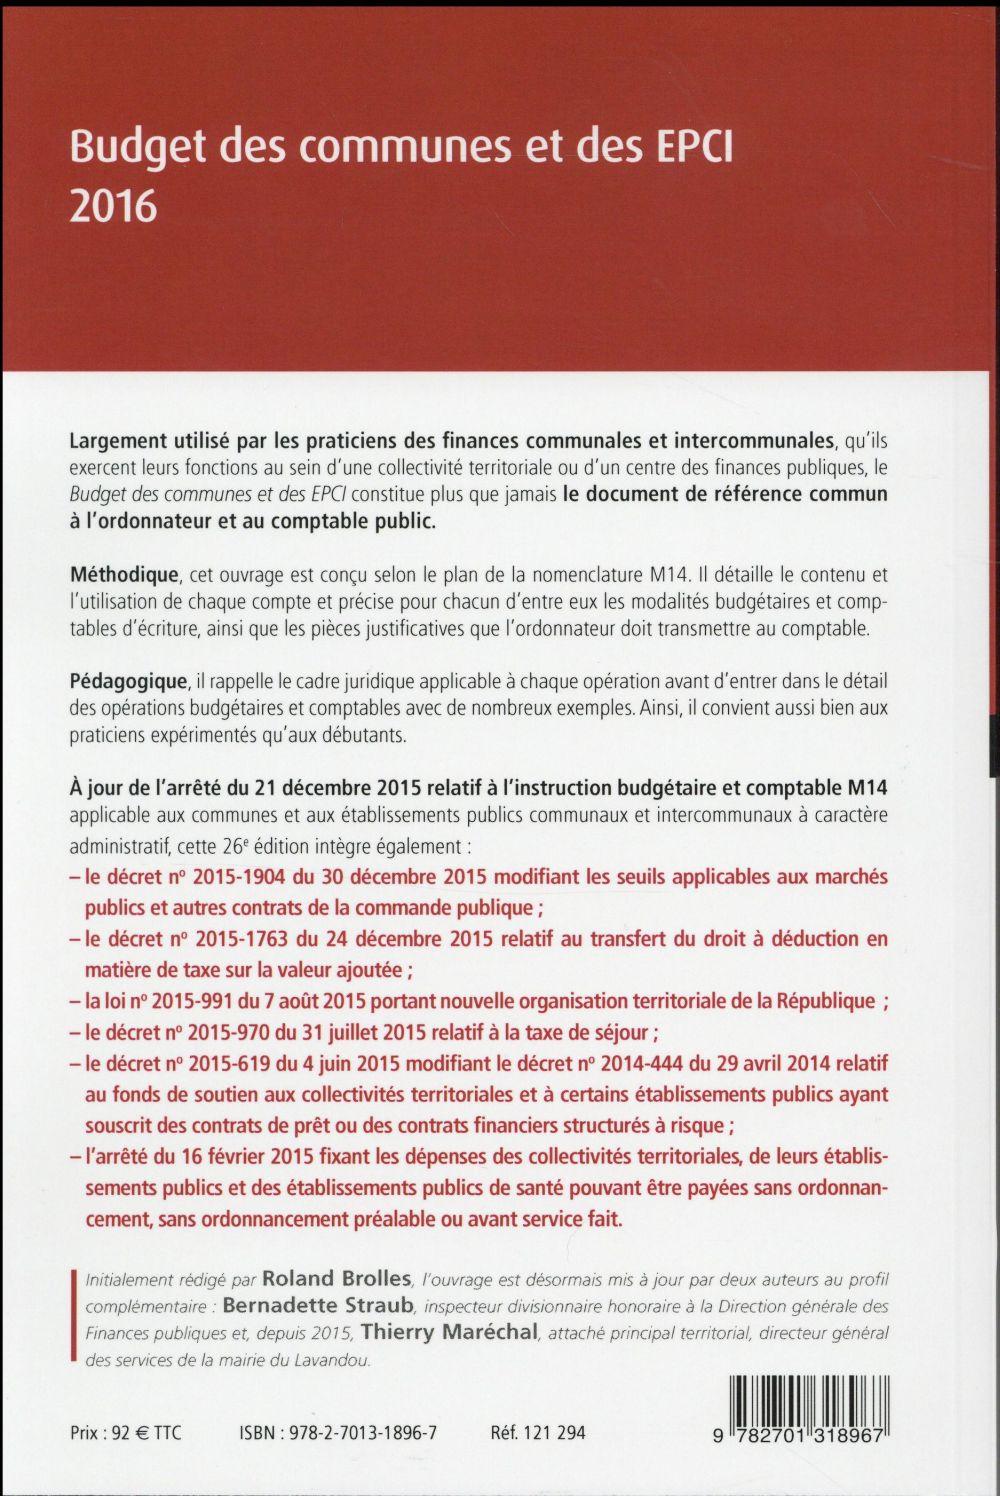 Budget des communes et des EPCI 2016